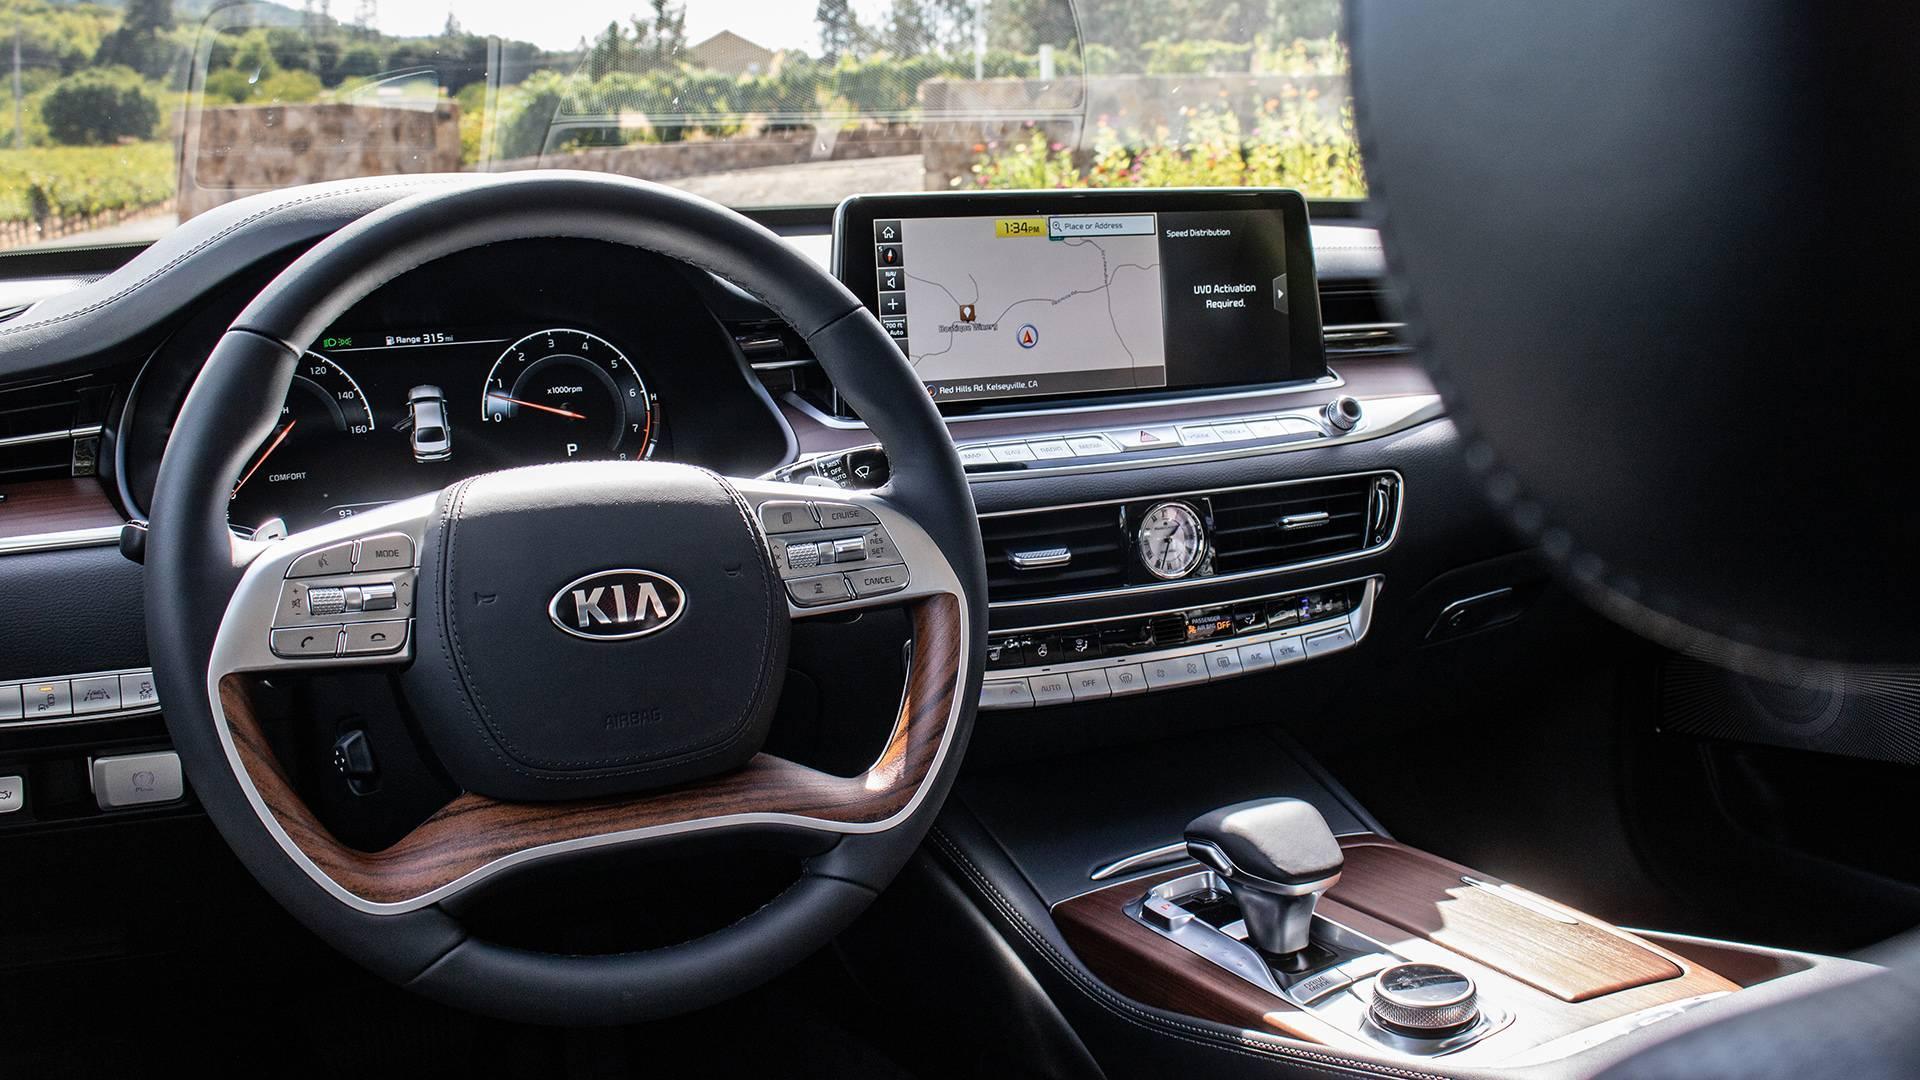 豪华感不输奔驰,起亚全新K900曝光!5.0升V8动力真带劲